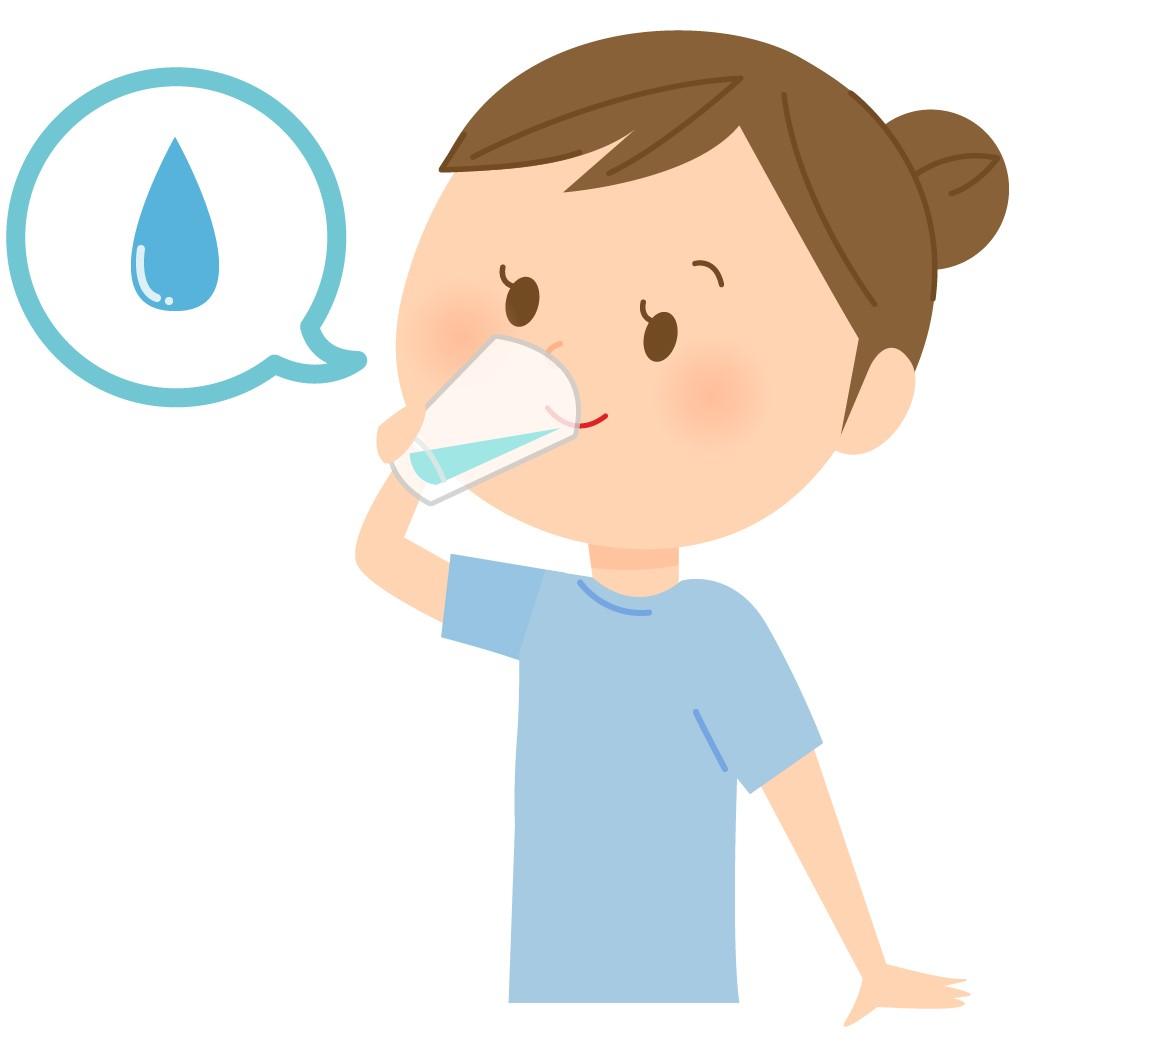 コロナウィルス予防で水を飲む女性